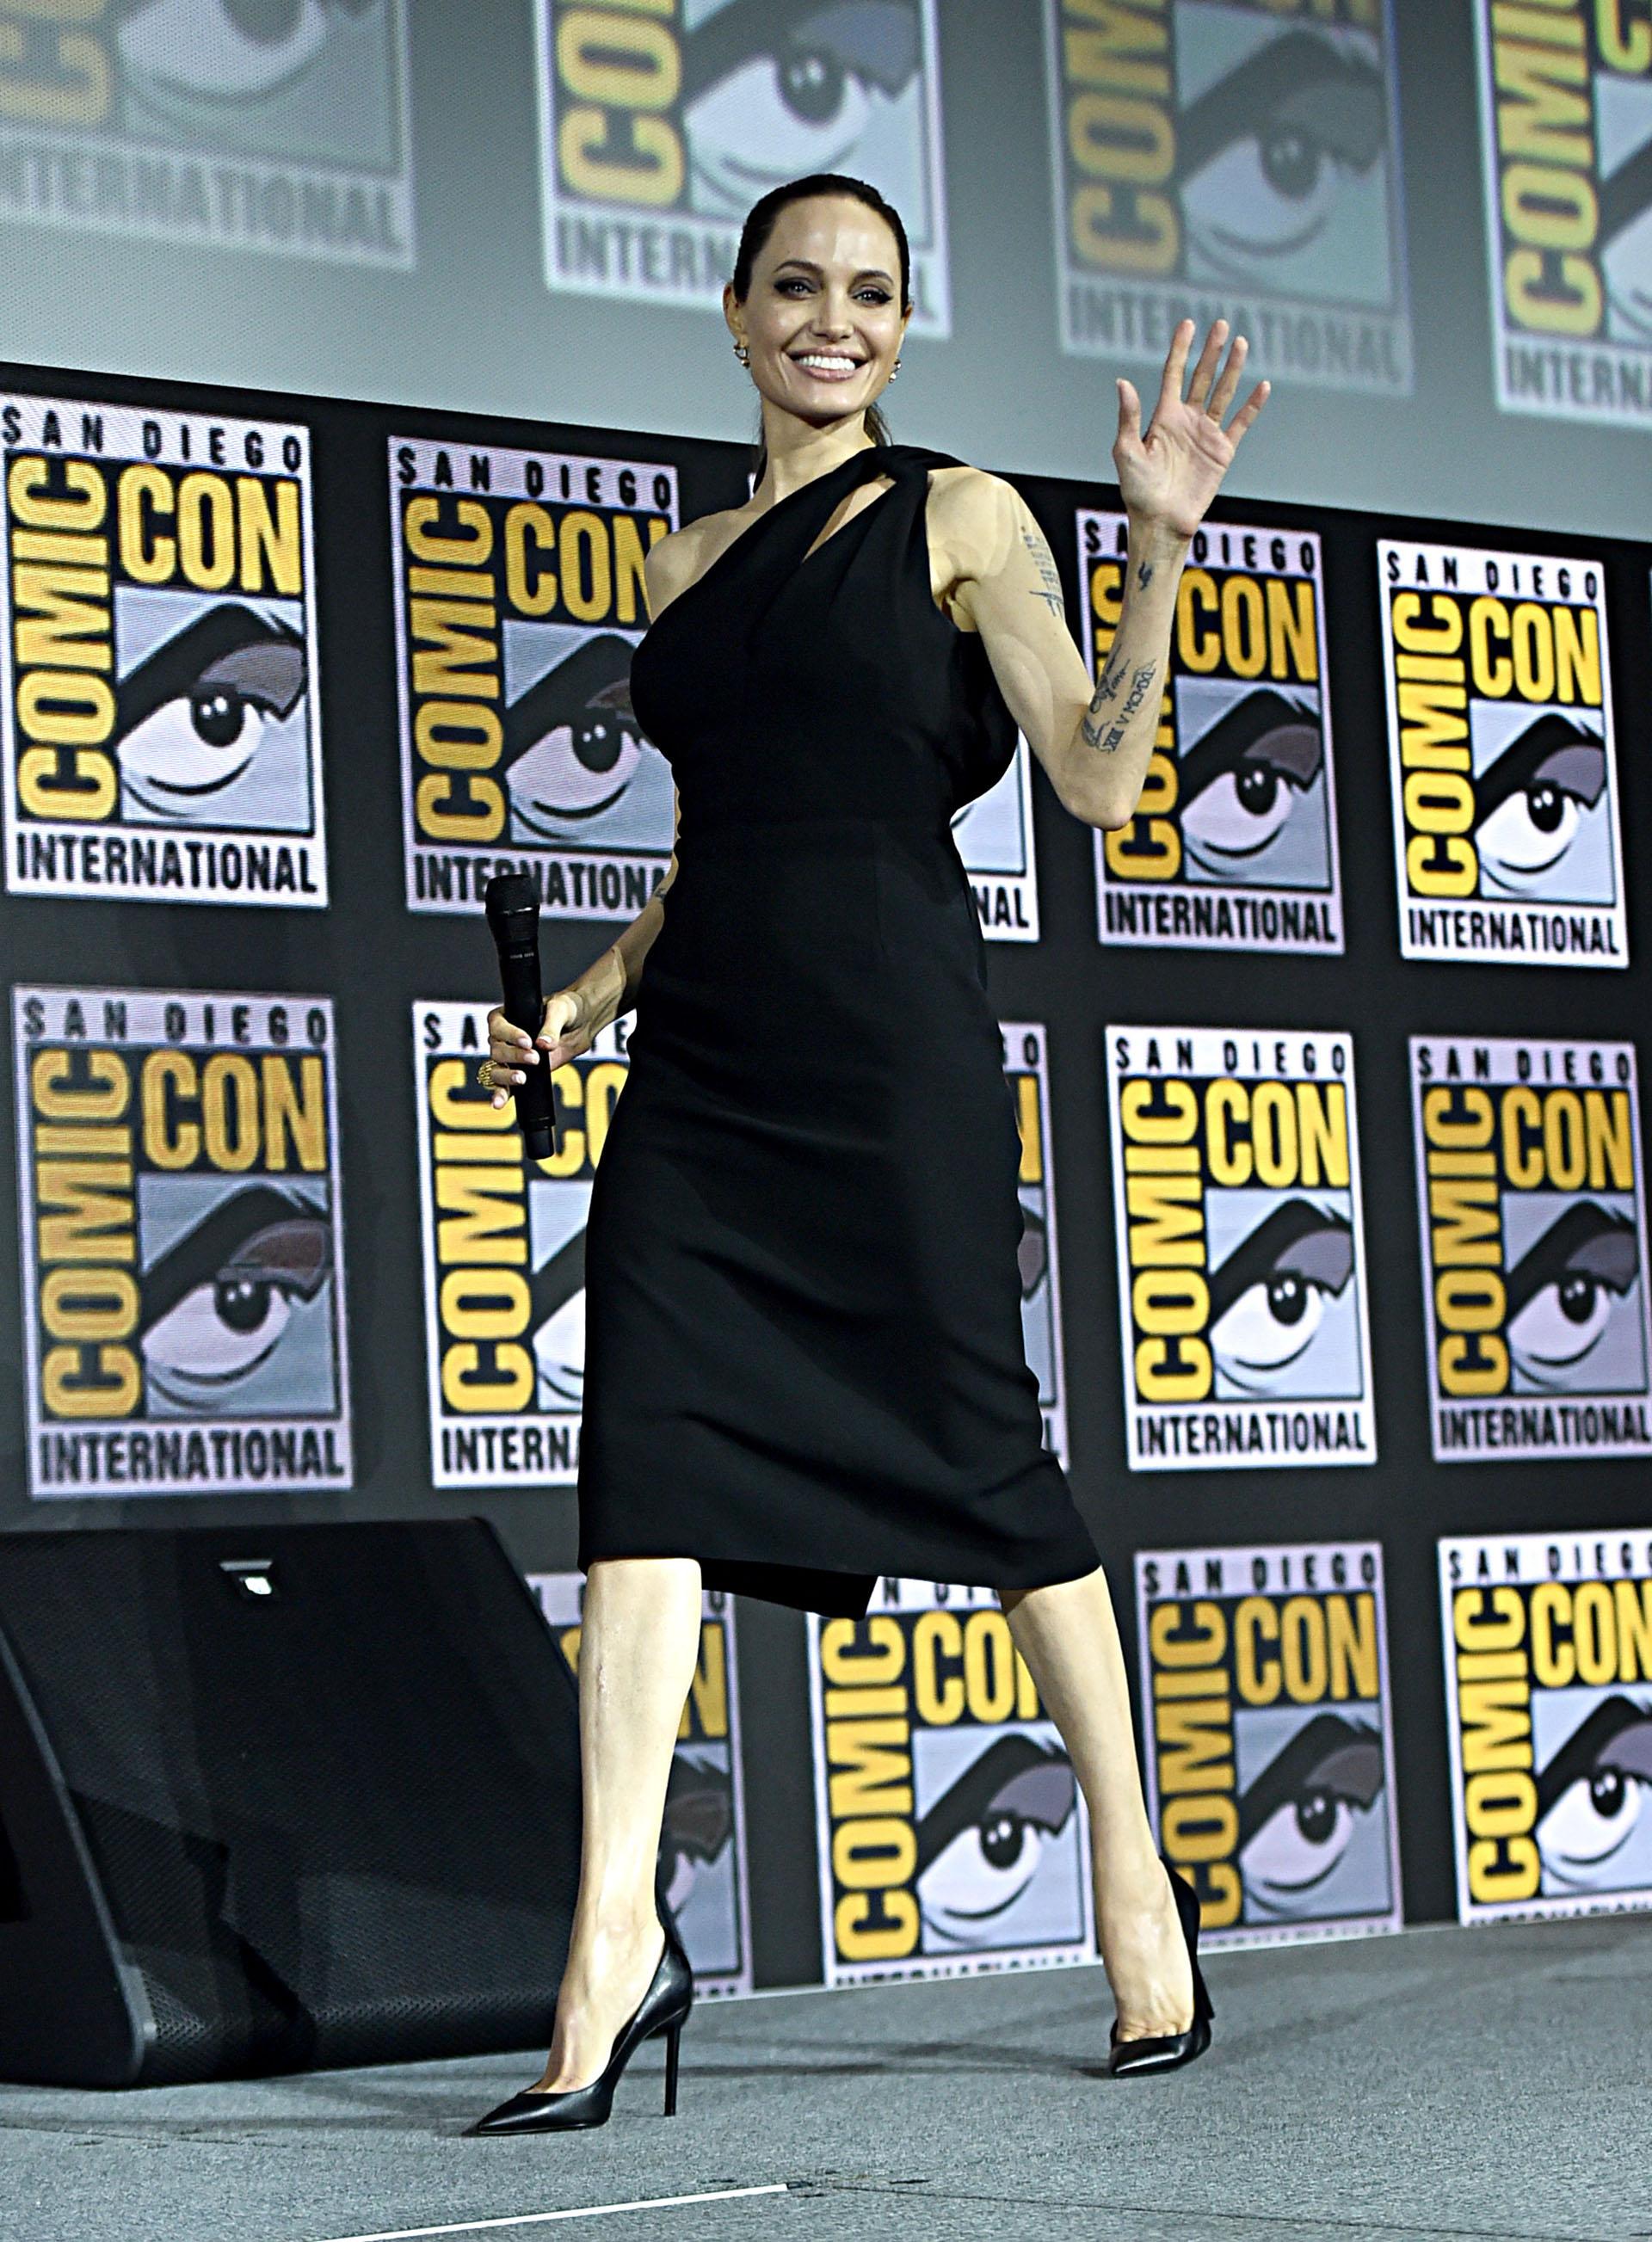 Como nueva superheroína de Marvel en la película The Eternals -Angelina Jolie – eligió un total black look para el panel de Comic Con. Llevó un vestido midi en color negro y con escote drapeado con cut-out y stilettos negros.